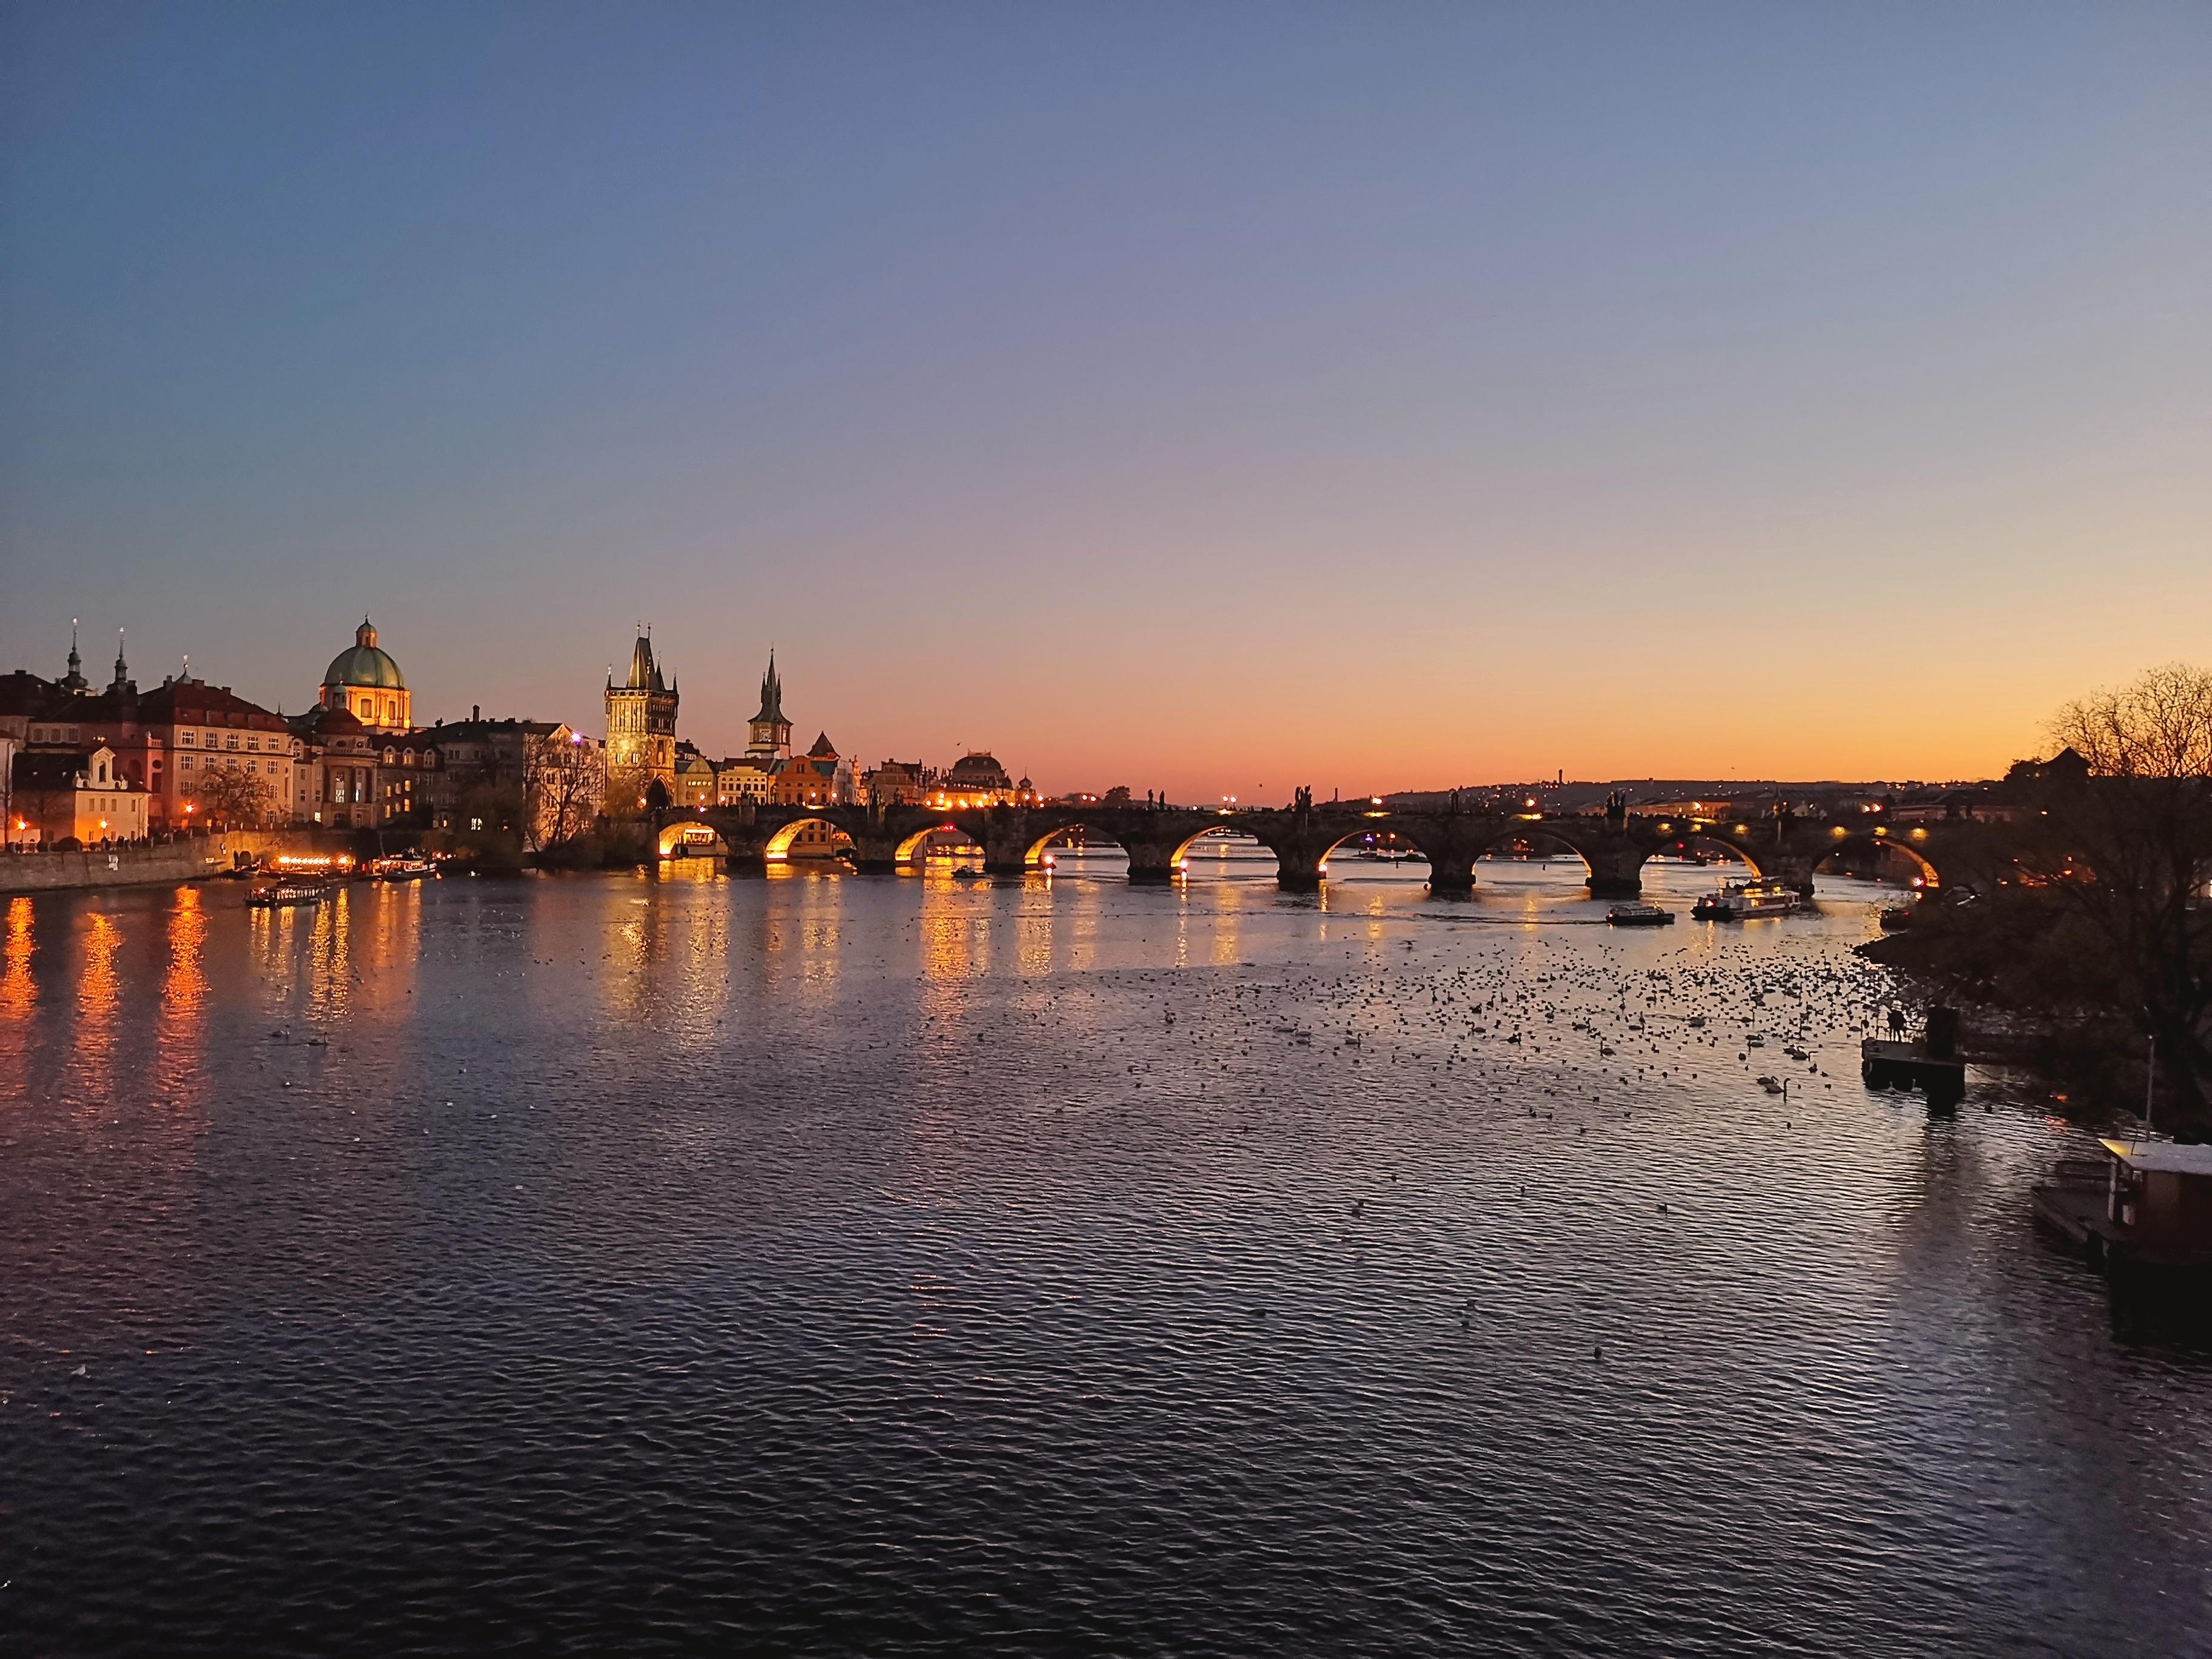 Huomenta romanttisesta Prahasta – Loma päivä 6 – Samettivallankumouksen muistopäivä